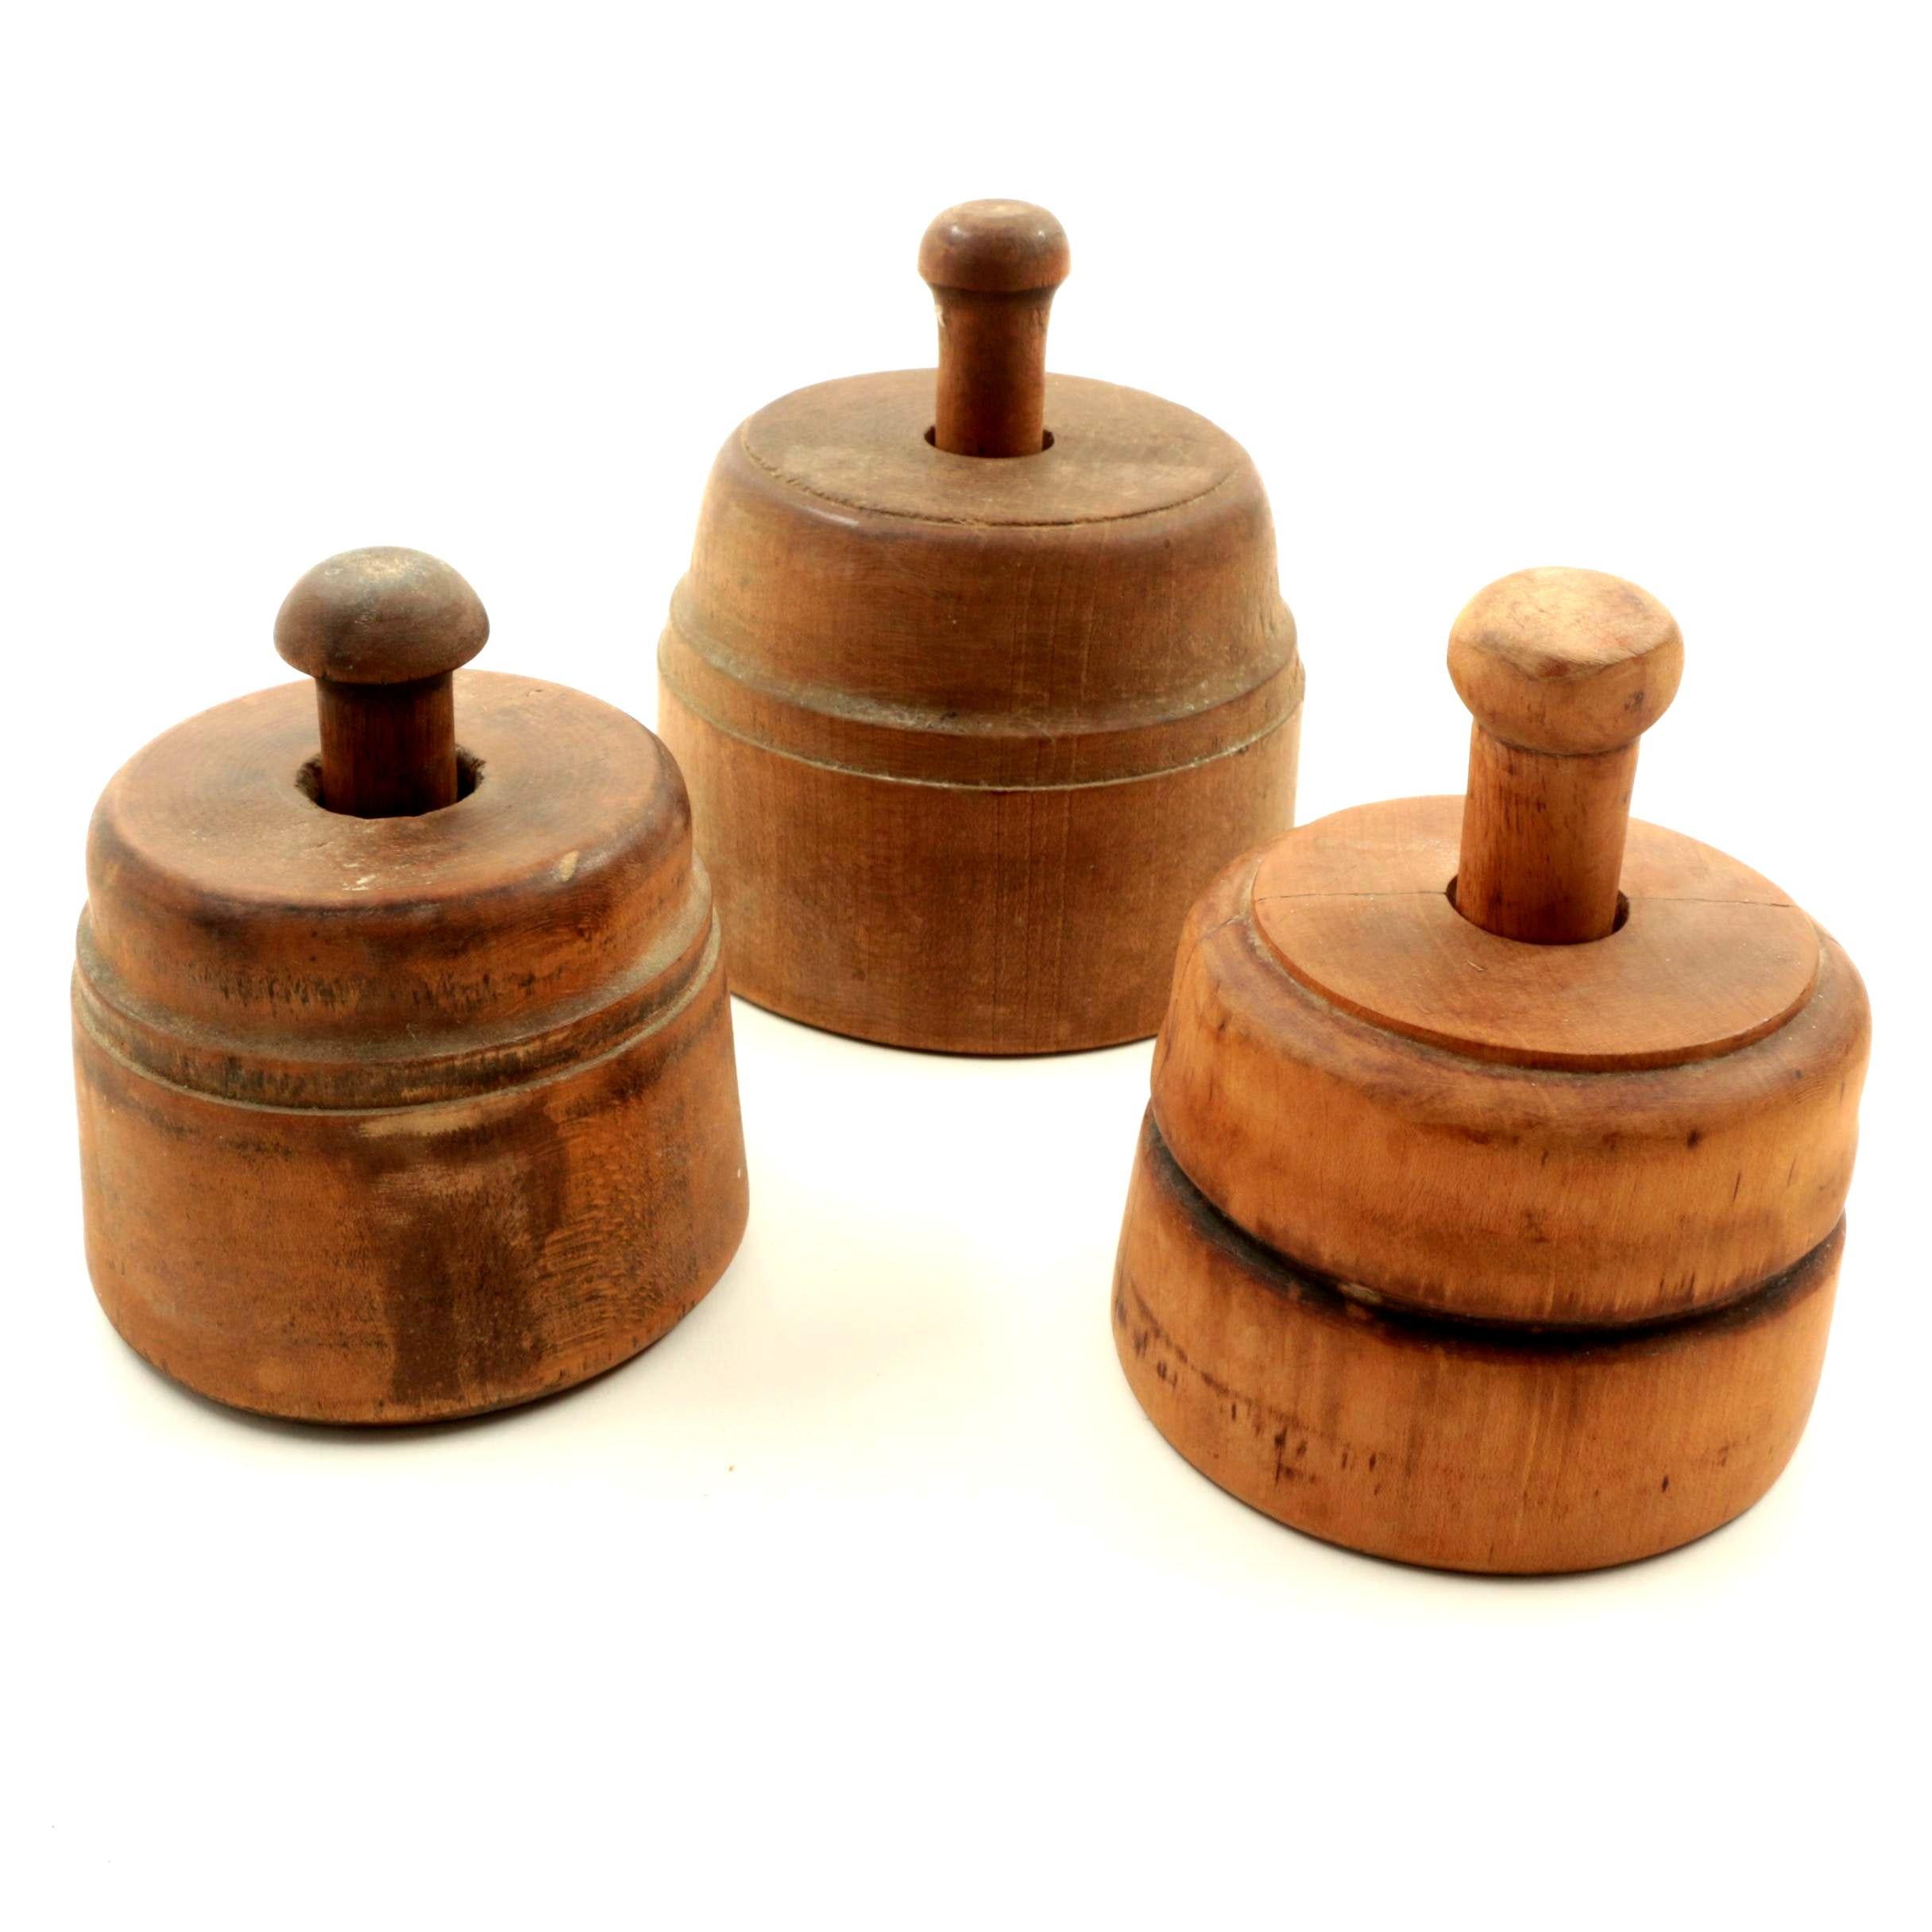 Antique Wooden Butter Molds